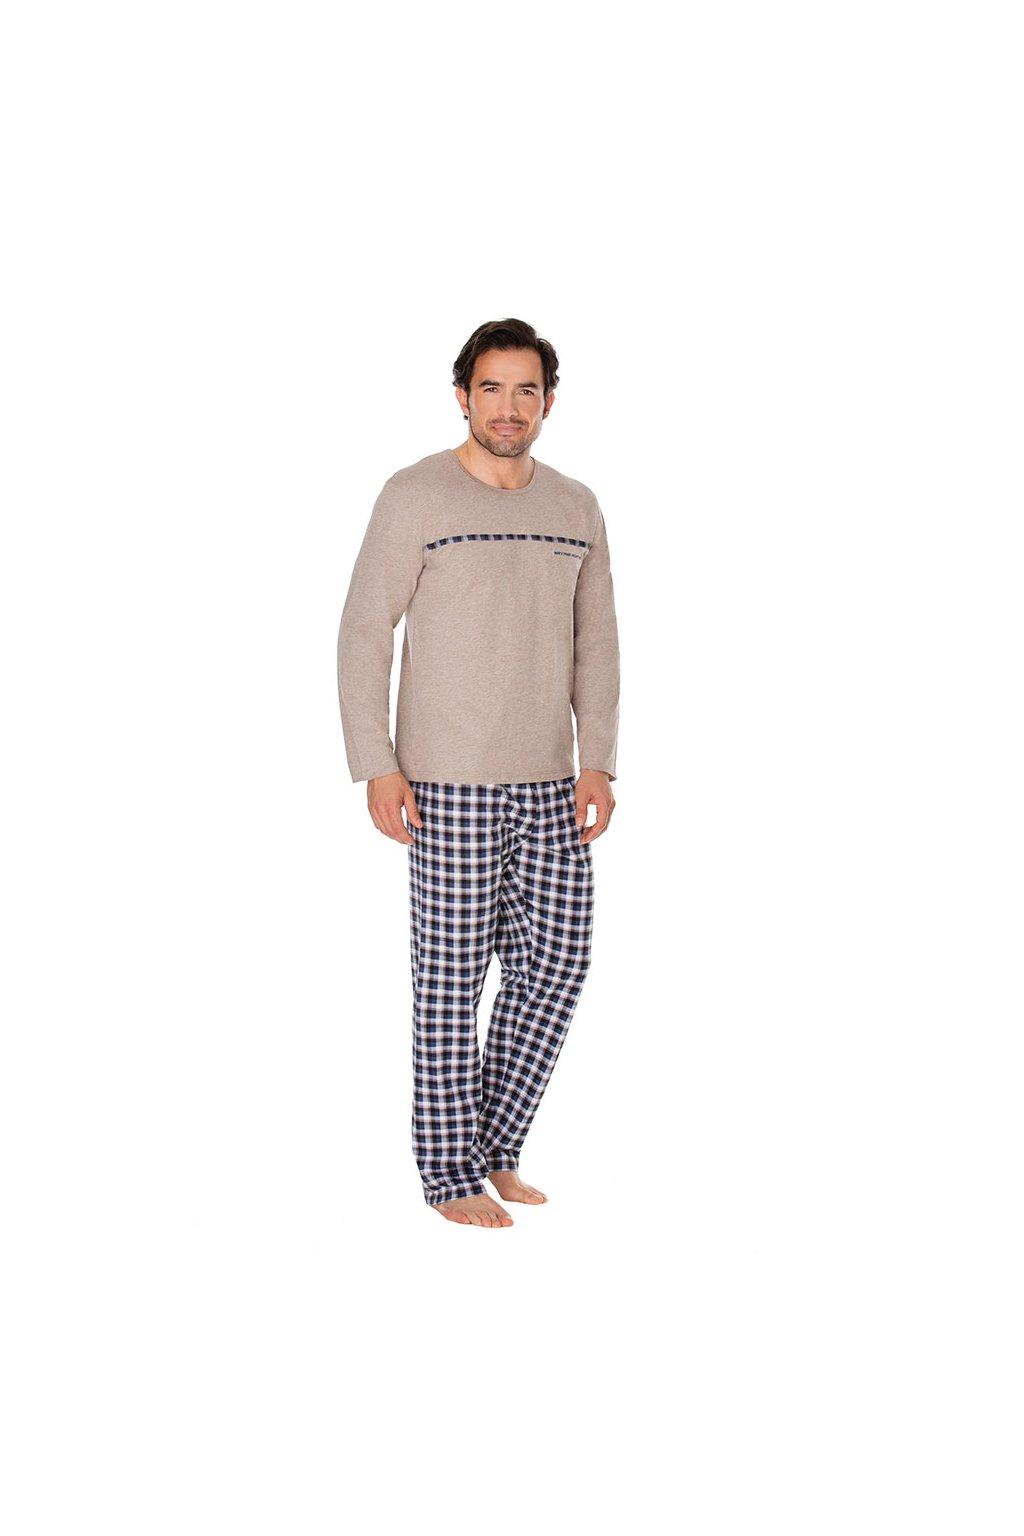 Pánské pyžamo s dlouhým rukávem, 204100 420, béžová